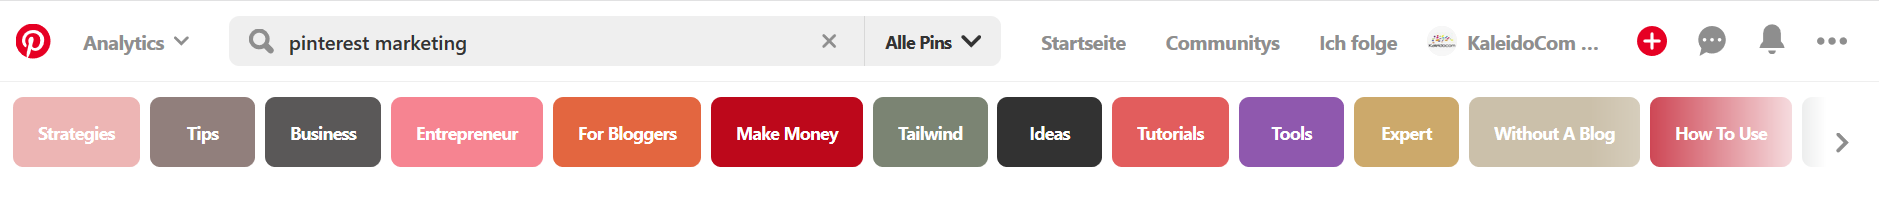 Pinterest hilft Dir Ideen zu finden